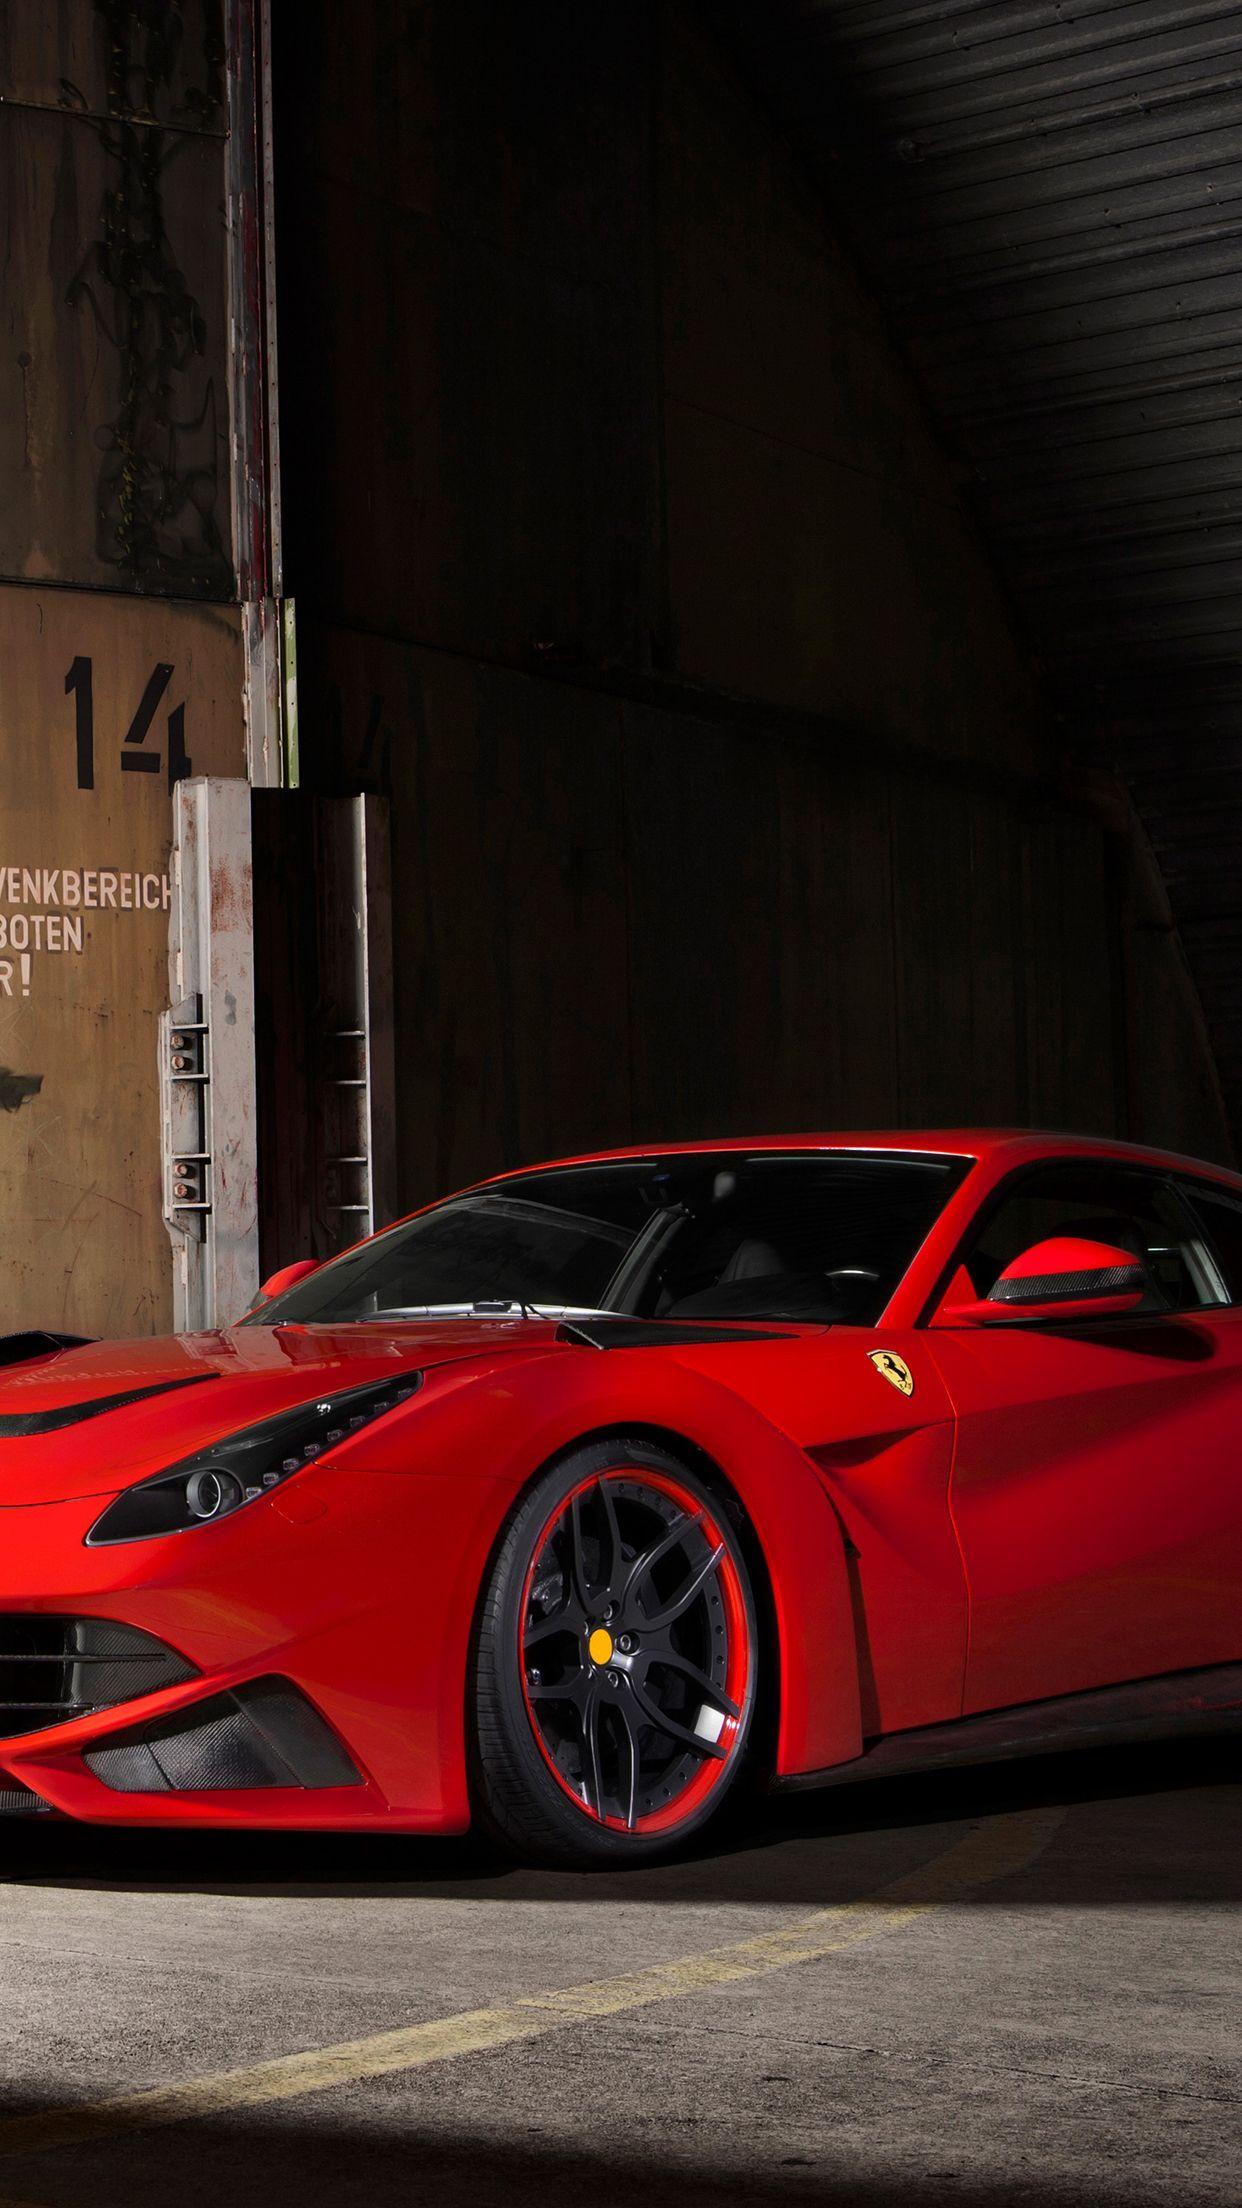 Top 20 Fastest Cars In The World Best Picture Fastest Sports Cars Super Cars Car Ferrari Car